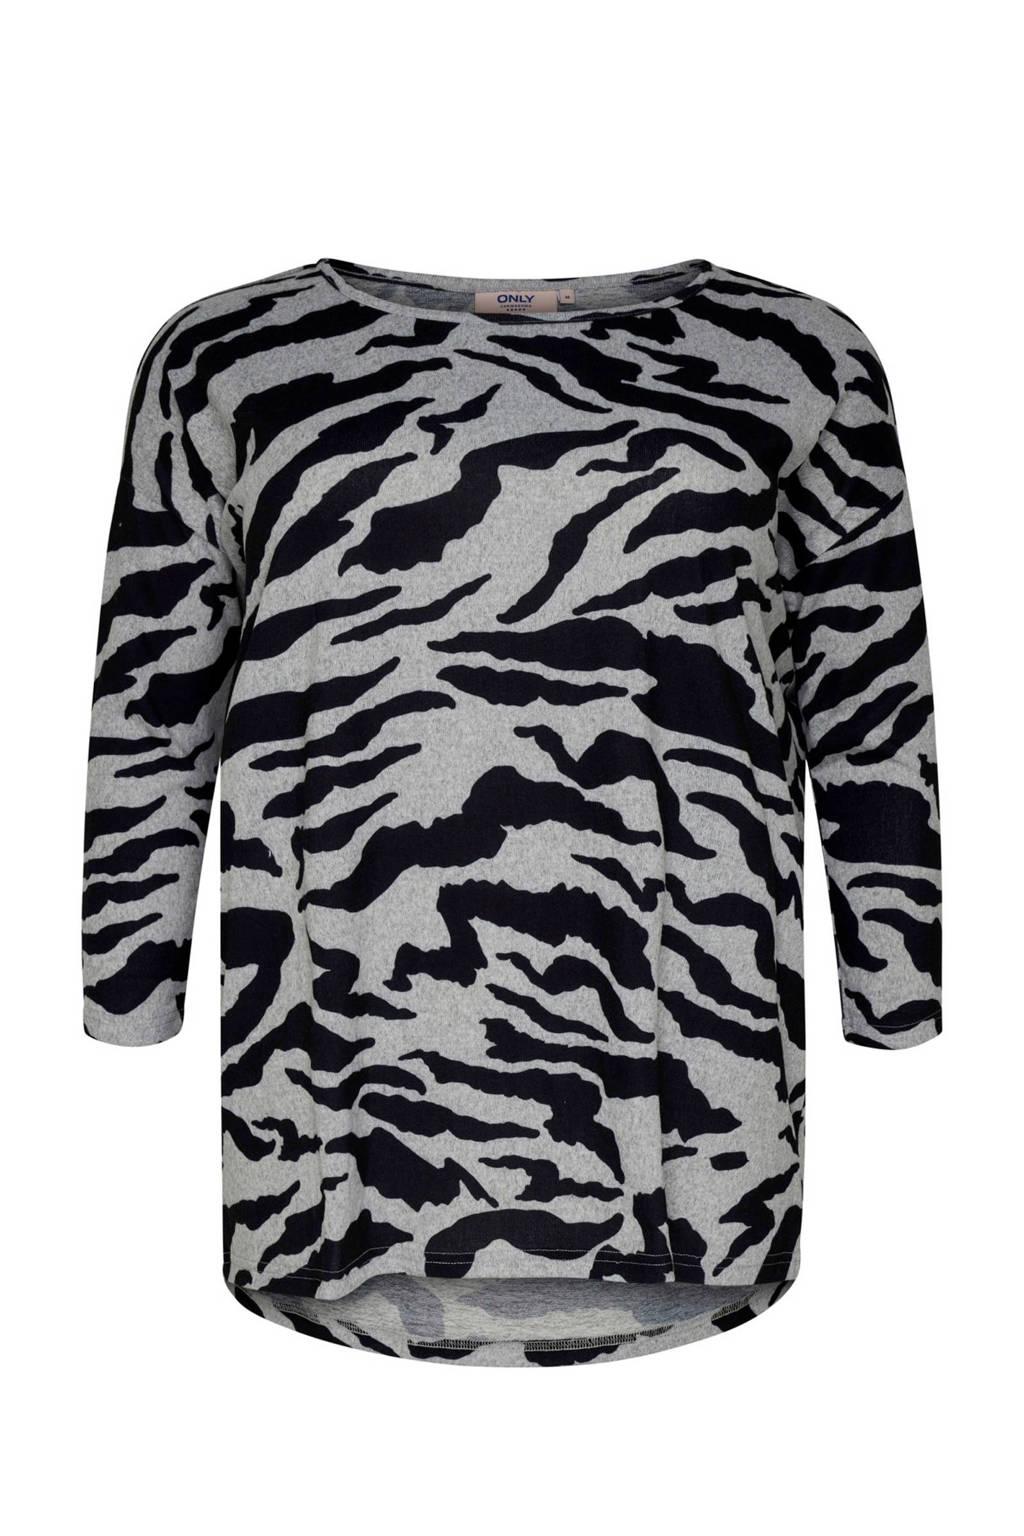 ONLY carmakoma T-shirt met zebraprint, Grijs/zwart